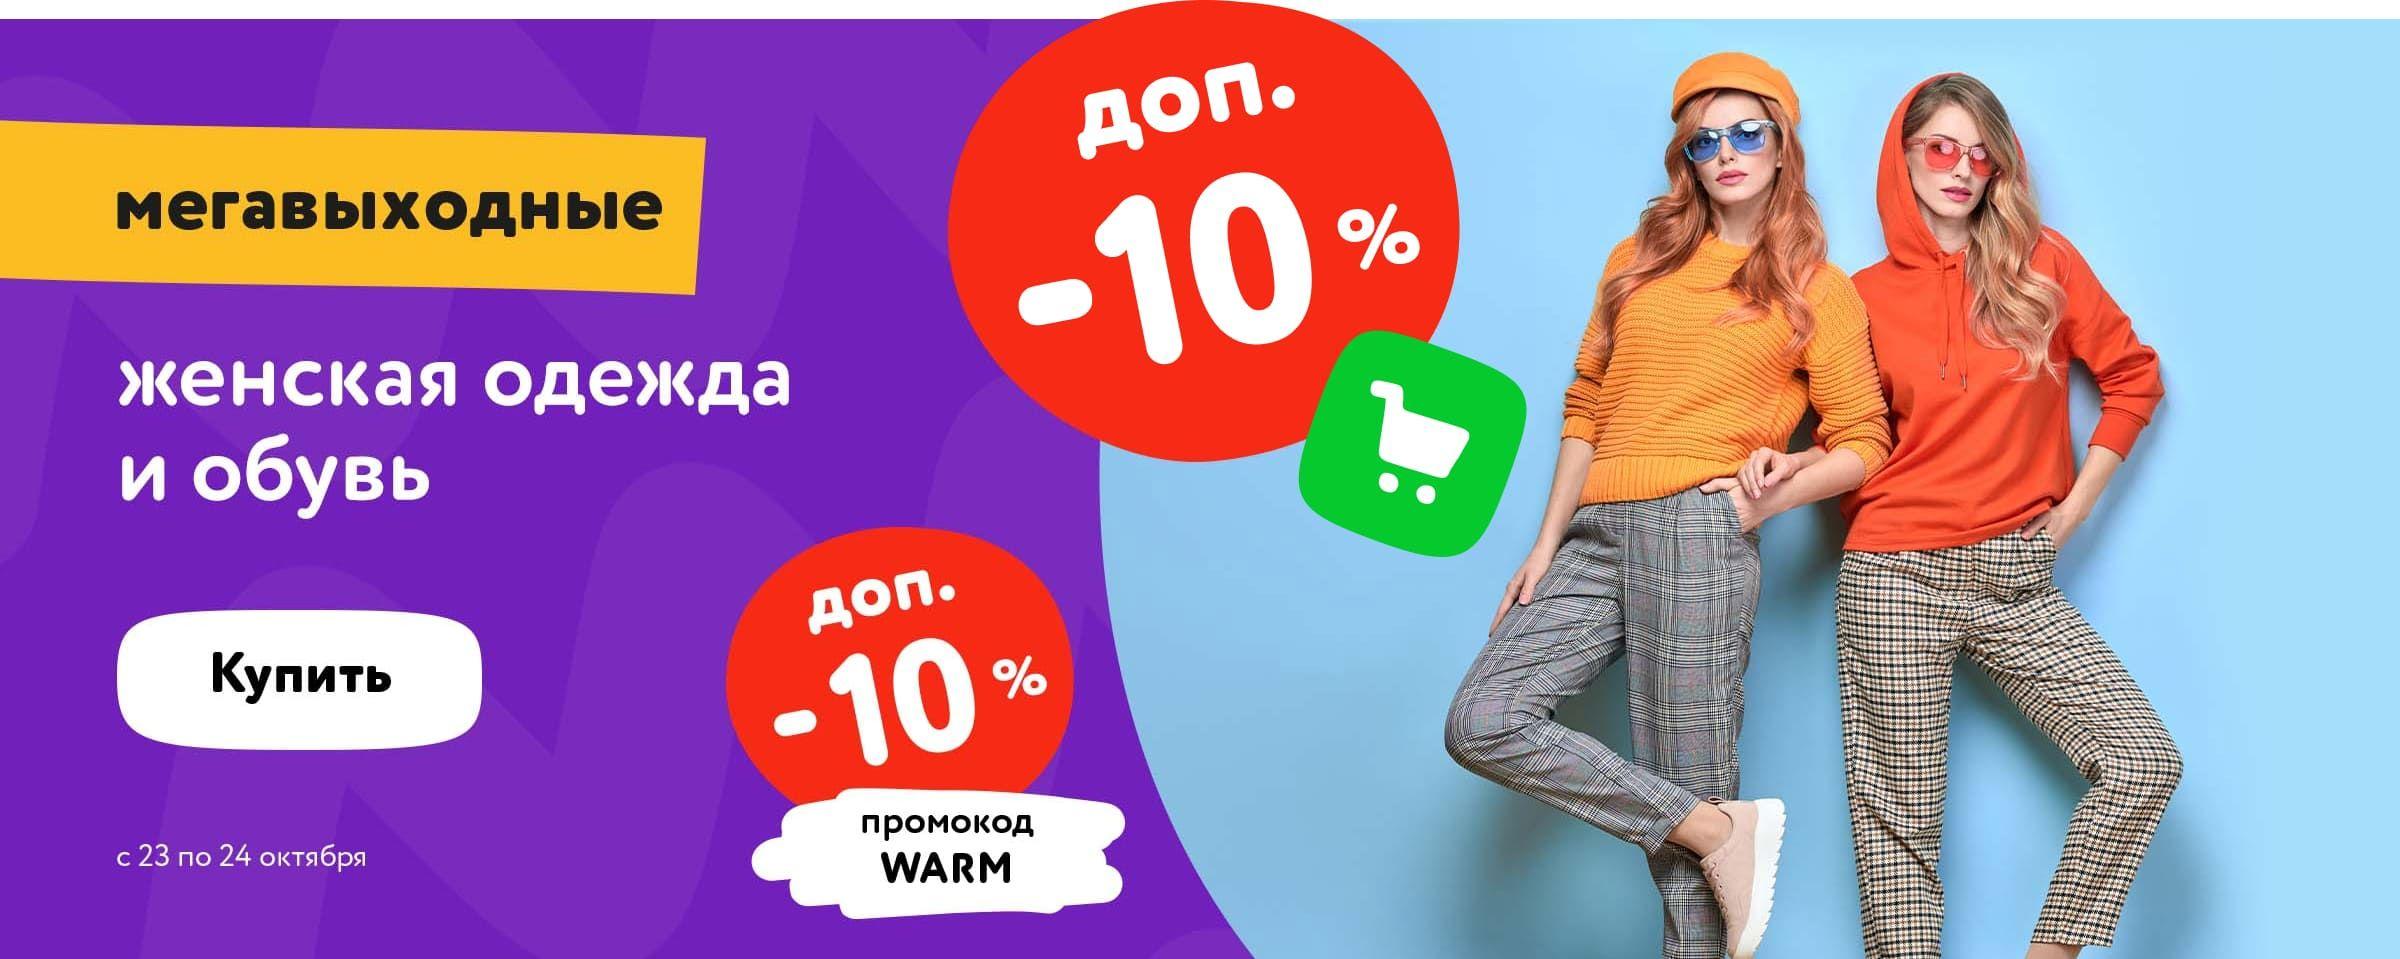 Скидка 10% на женскую одежду и обувь в корзине+скидка 10% по промокоду